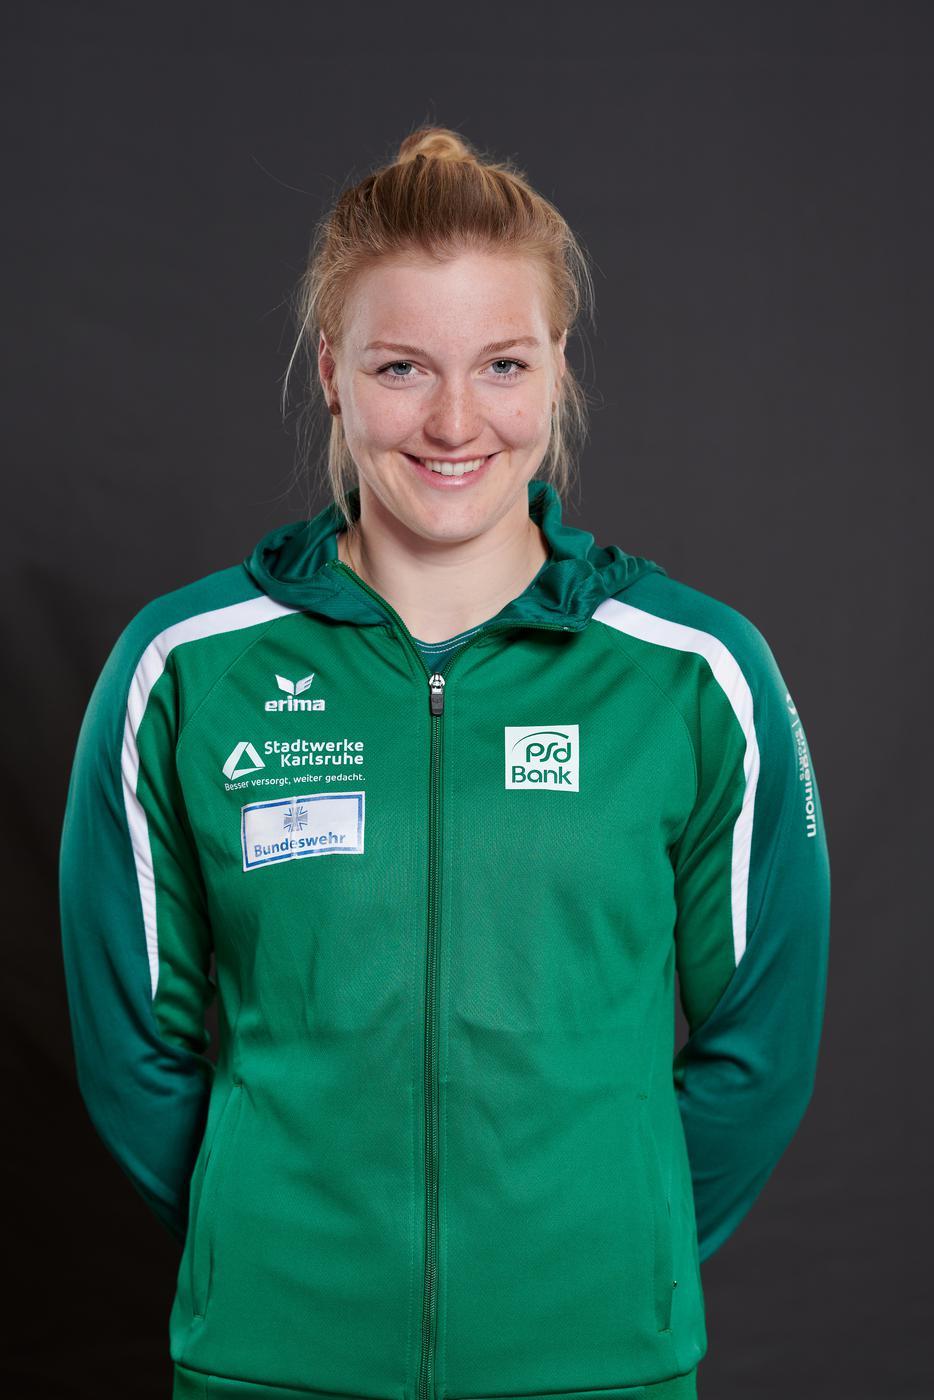 Sarah Brüßler, Kajakfahrerin der Rheinbrüder Karlsruhe